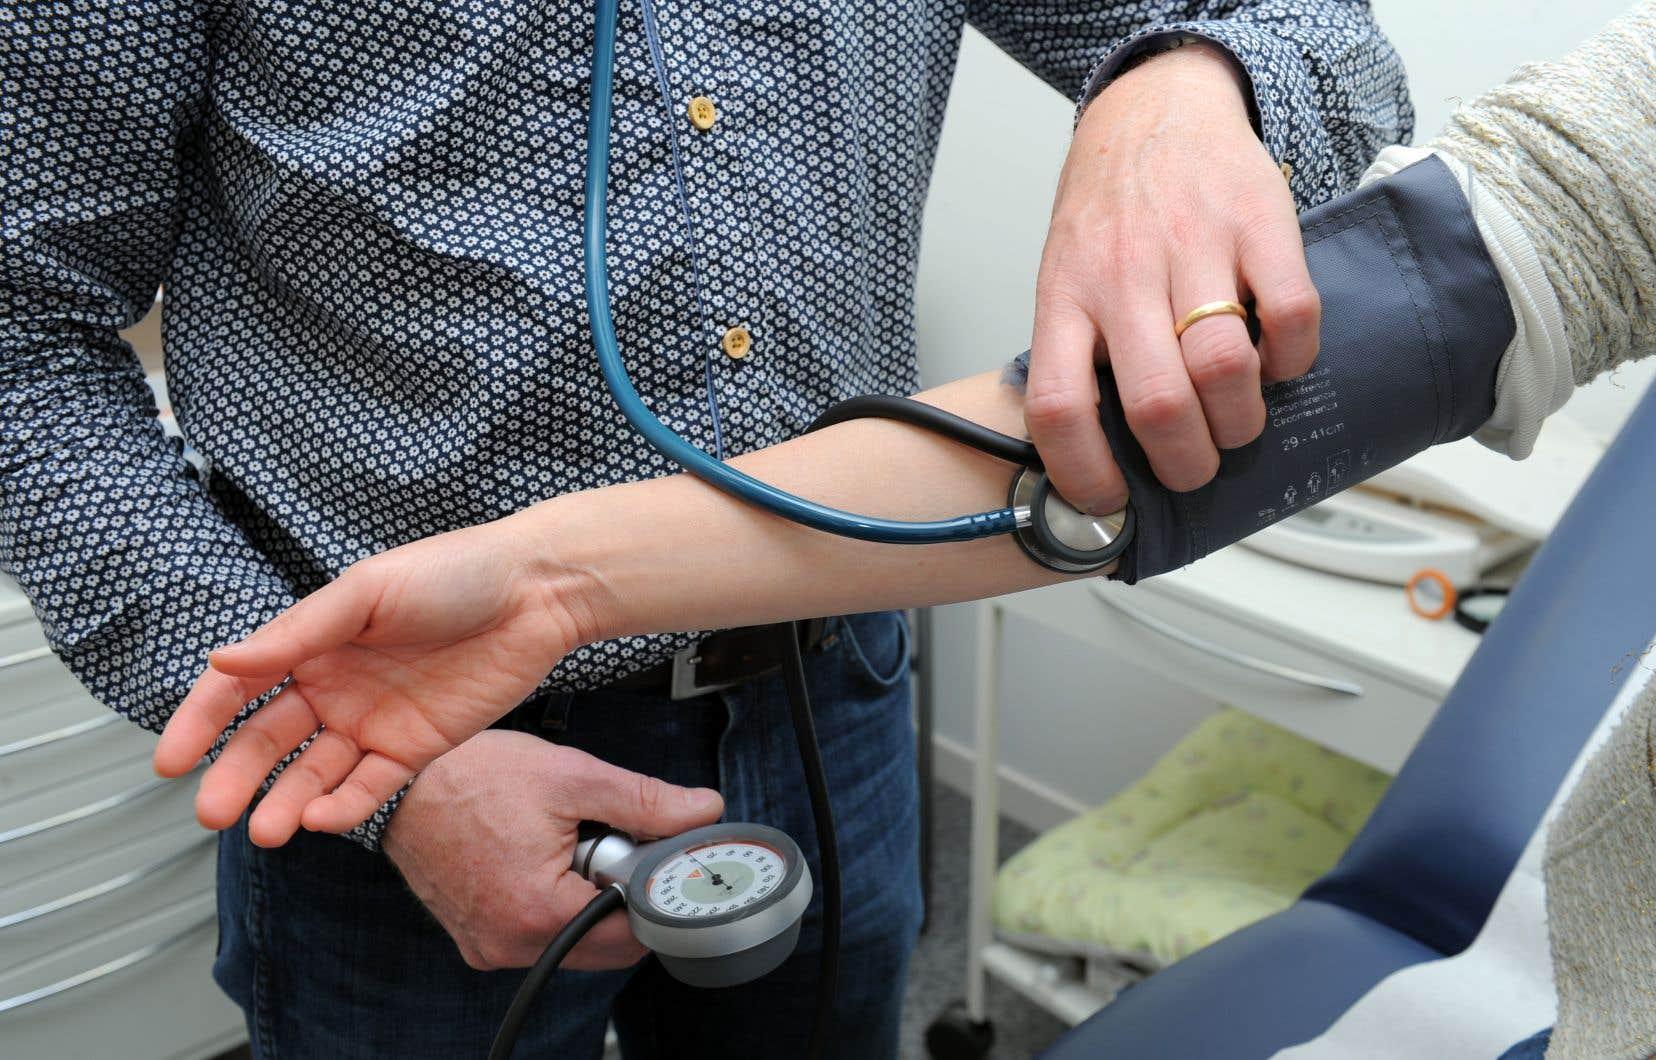 Pendant le confinement, les médecins ne pouvaient pas rencontrer de nouveaux patients, en plus de prendre du retard dans les rendez-vous avec ceux qu'ils suivaient déjà.